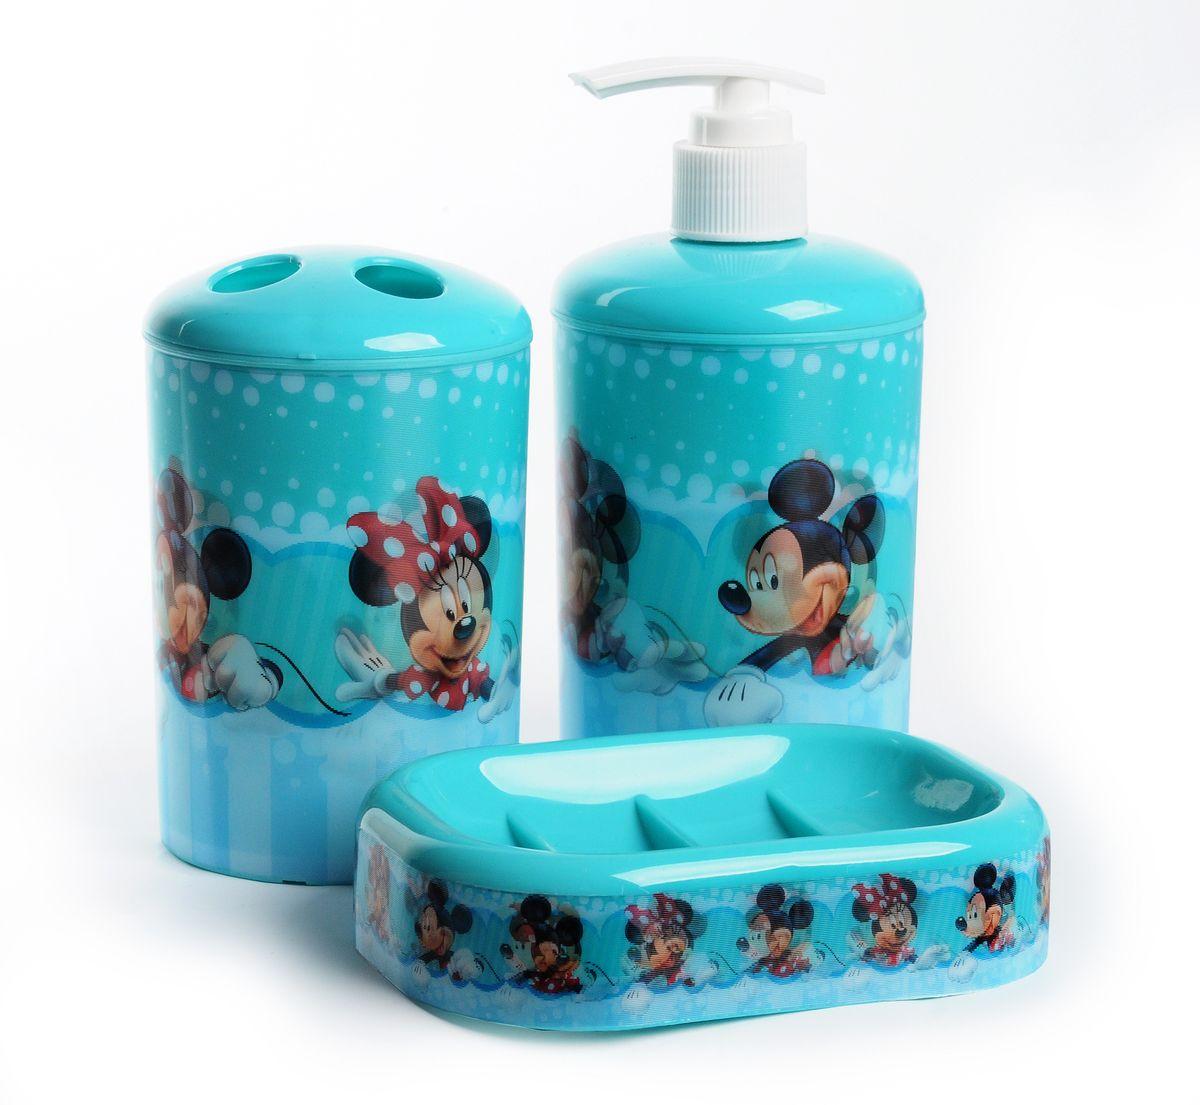 """Фото Набор для ванной комнаты Disney """"Микки и Минни Маус"""", цвет: голубой, 3 предмета. Купить  в РФ"""